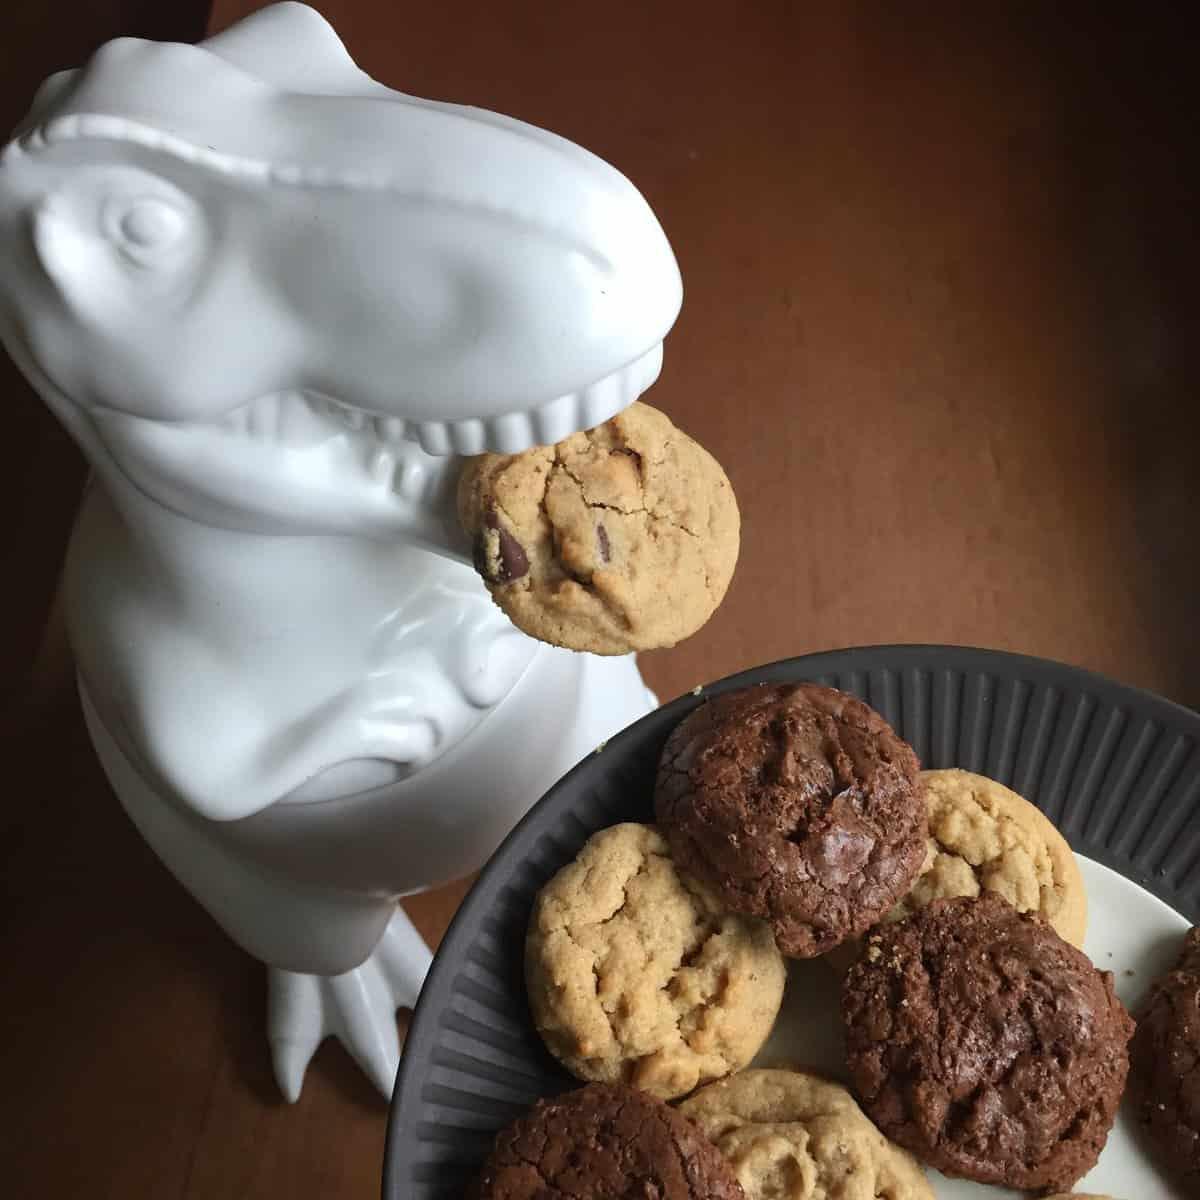 Bite-sized cookies: reddit baking challenge (wk 5)